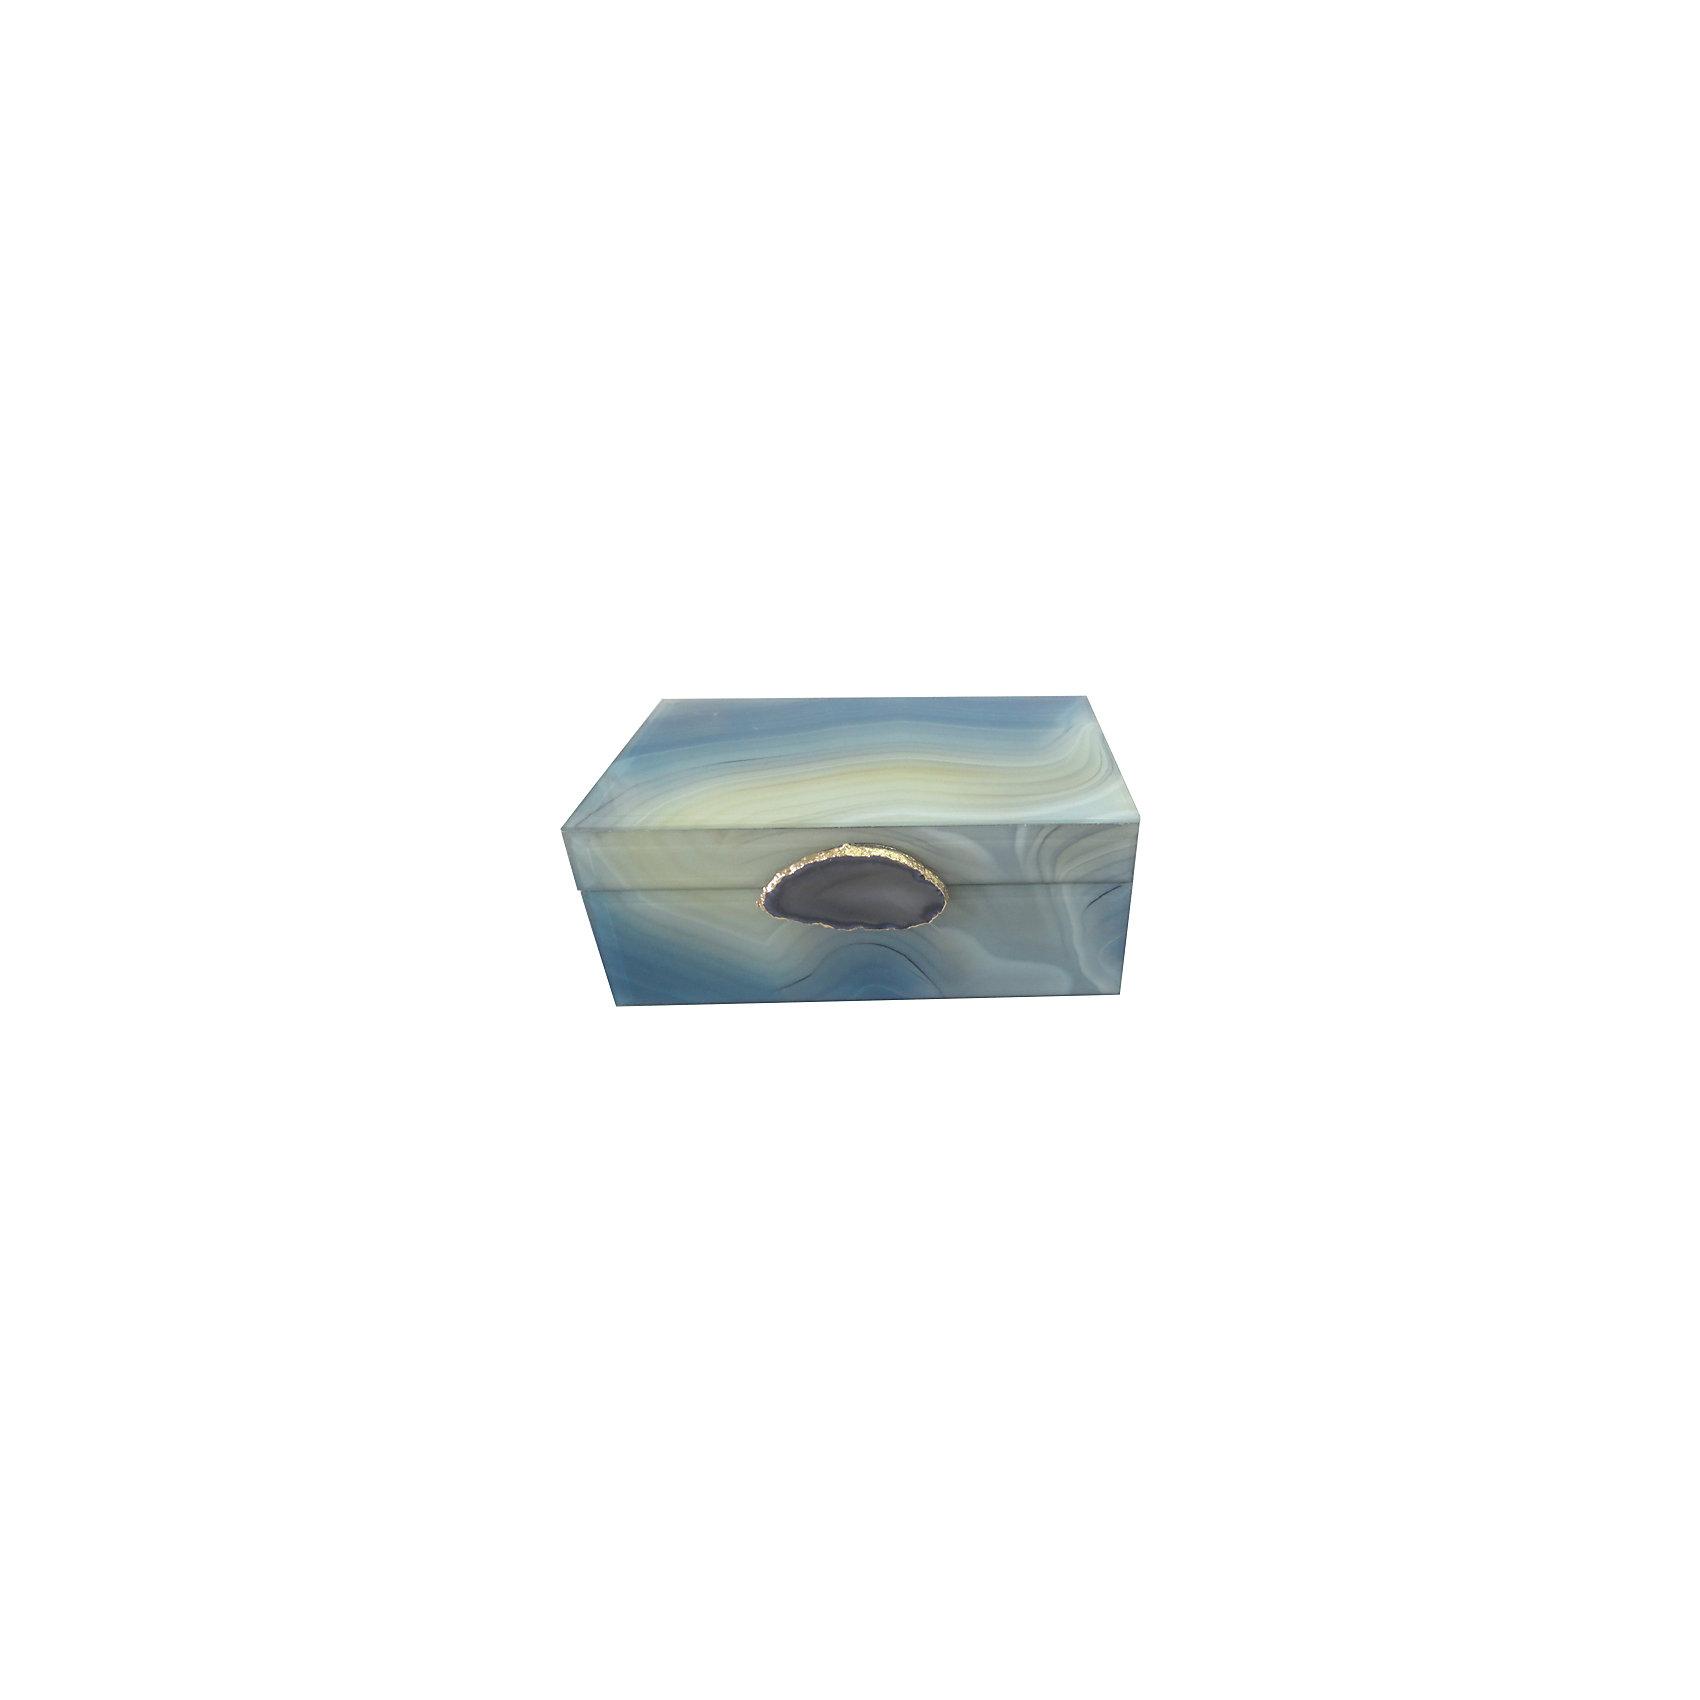 Шкатулка Дымчатый агат из стекла для мелочей, Феникс-ПрезентПредметы интерьера<br>Шкатулка Дымчатый агат из стекла для мелочей, Феникс-Презент<br><br>Характеристики:<br><br>• расцветка под агат<br>• размер: 21х13х8,5<br>• материал: стекло<br><br>Шкатулка Дымчатый агат отлично подойдет для хранения различных мелочей и безделушек. Шкатулка надежно закрывается крышкой для защиты ваших вещей. Приятная расцветка под агат украсит интерьер любого помещения.<br><br>Шкатулку Дымчатый агат из стекла для мелочей, Феникс-Презент можно купить в нашем интернет-магазине.<br><br>Ширина мм: 210<br>Глубина мм: 130<br>Высота мм: 85<br>Вес г: 938<br>Возраст от месяцев: 60<br>Возраст до месяцев: 2147483647<br>Пол: Унисекс<br>Возраст: Детский<br>SKU: 5449770